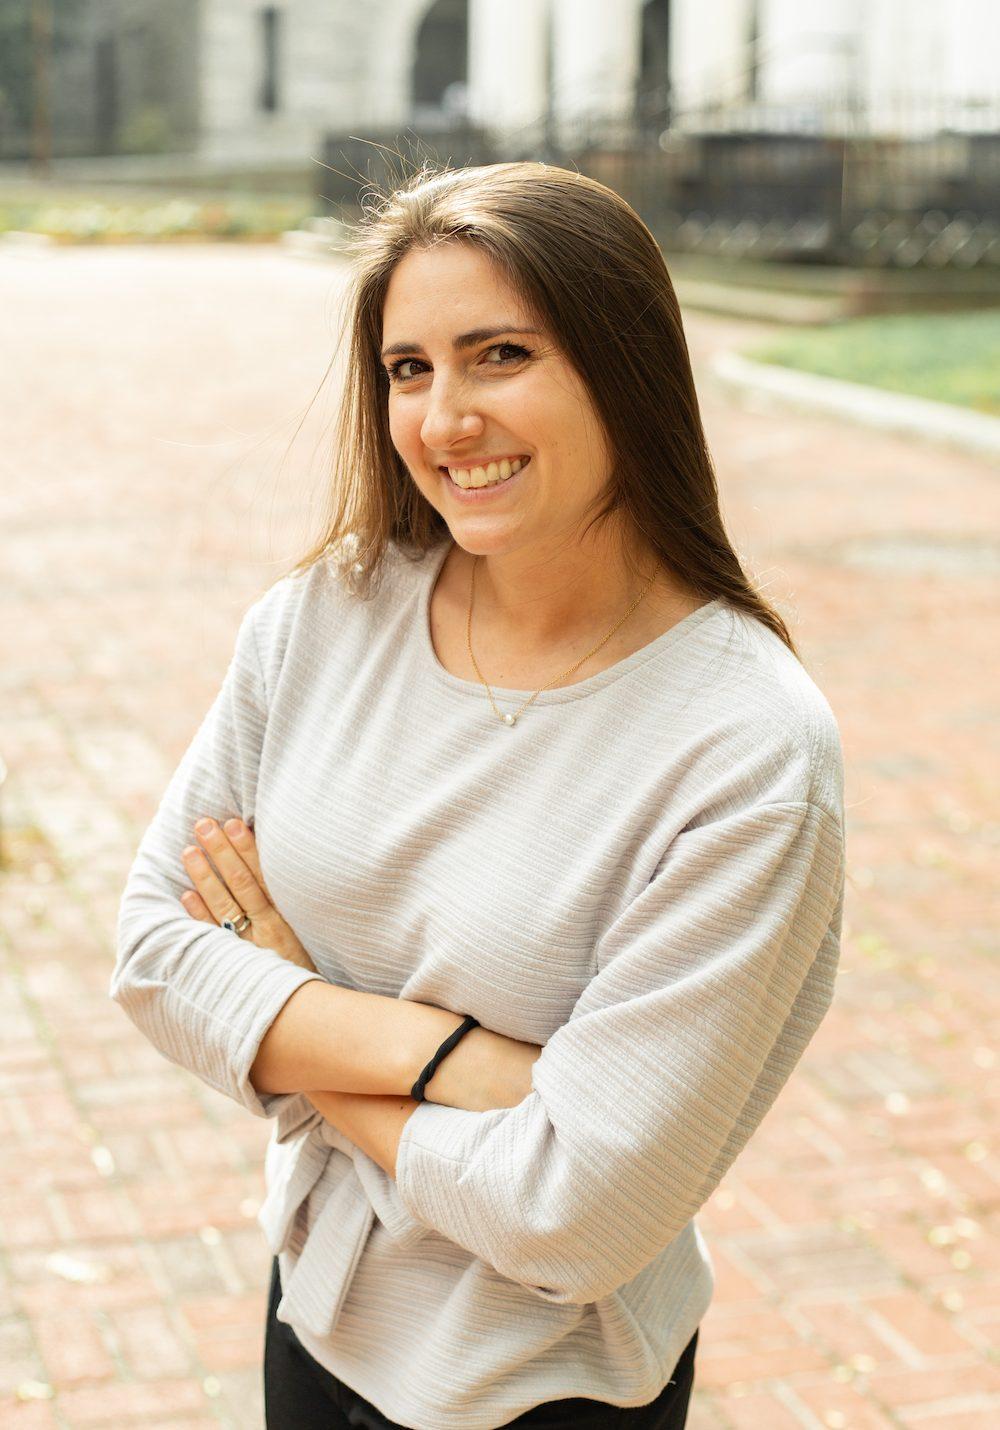 Michelle Everard